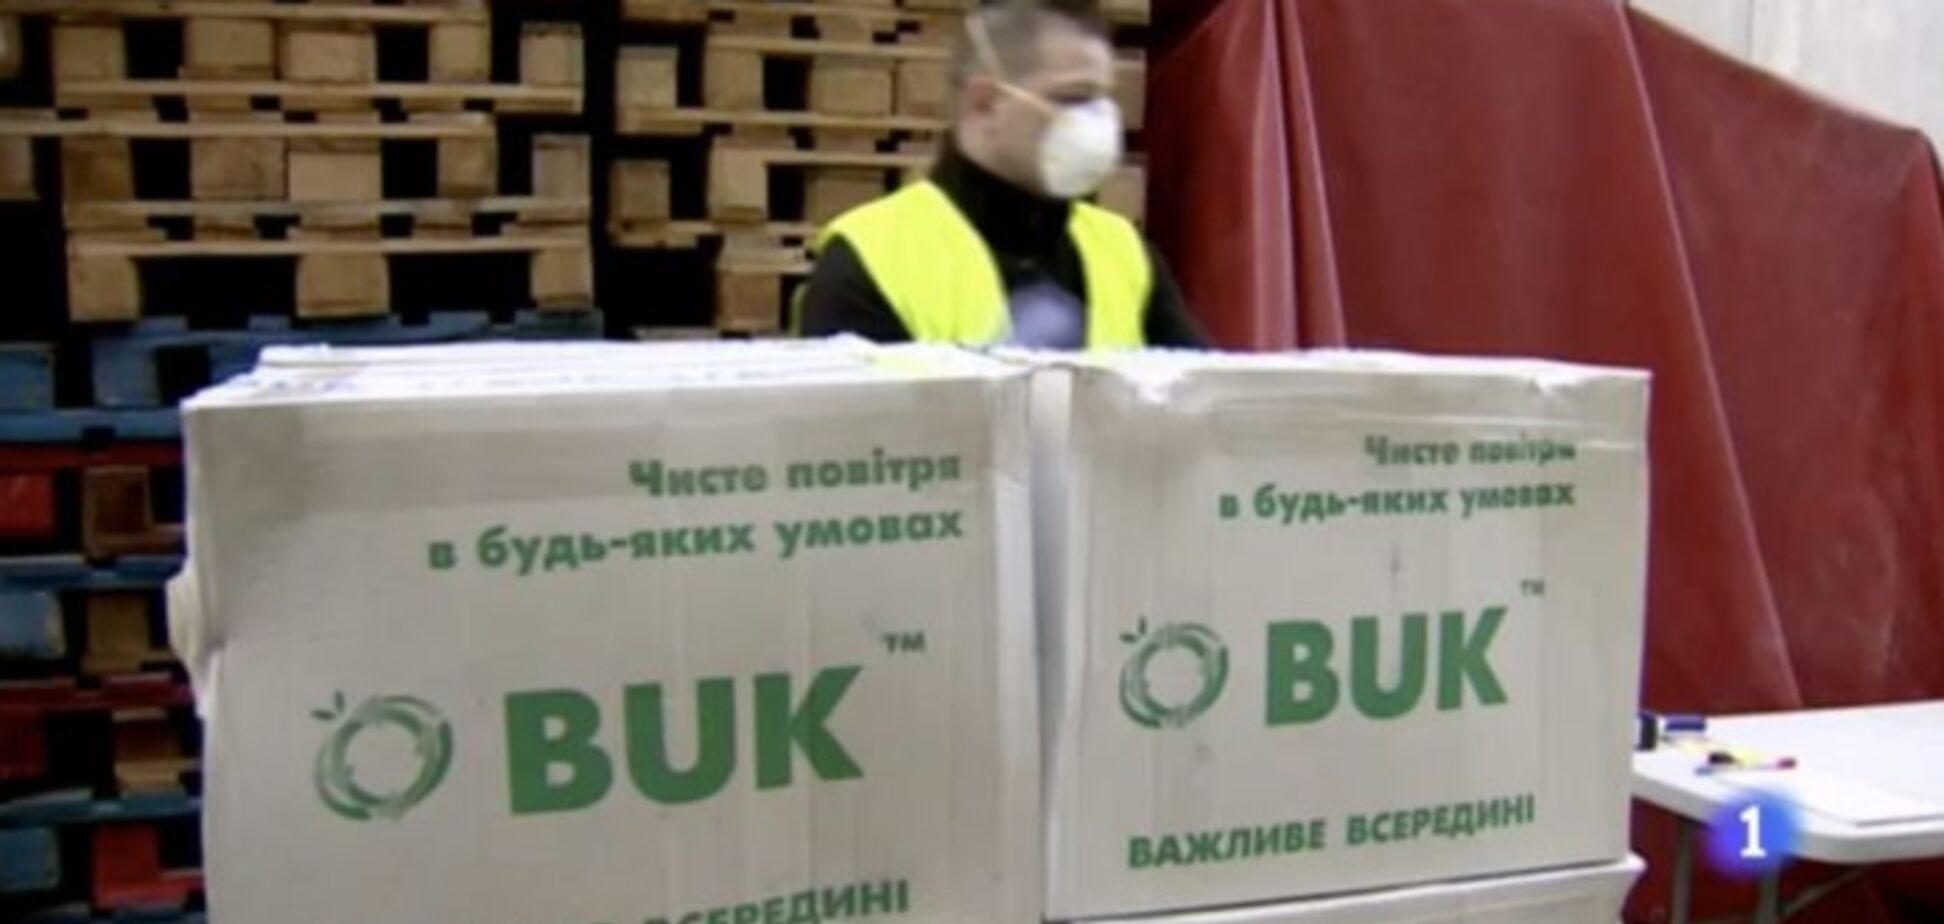 Журналист раскрыл 'аферу' с поставками масок из Украины в Барселону. Фото и видео